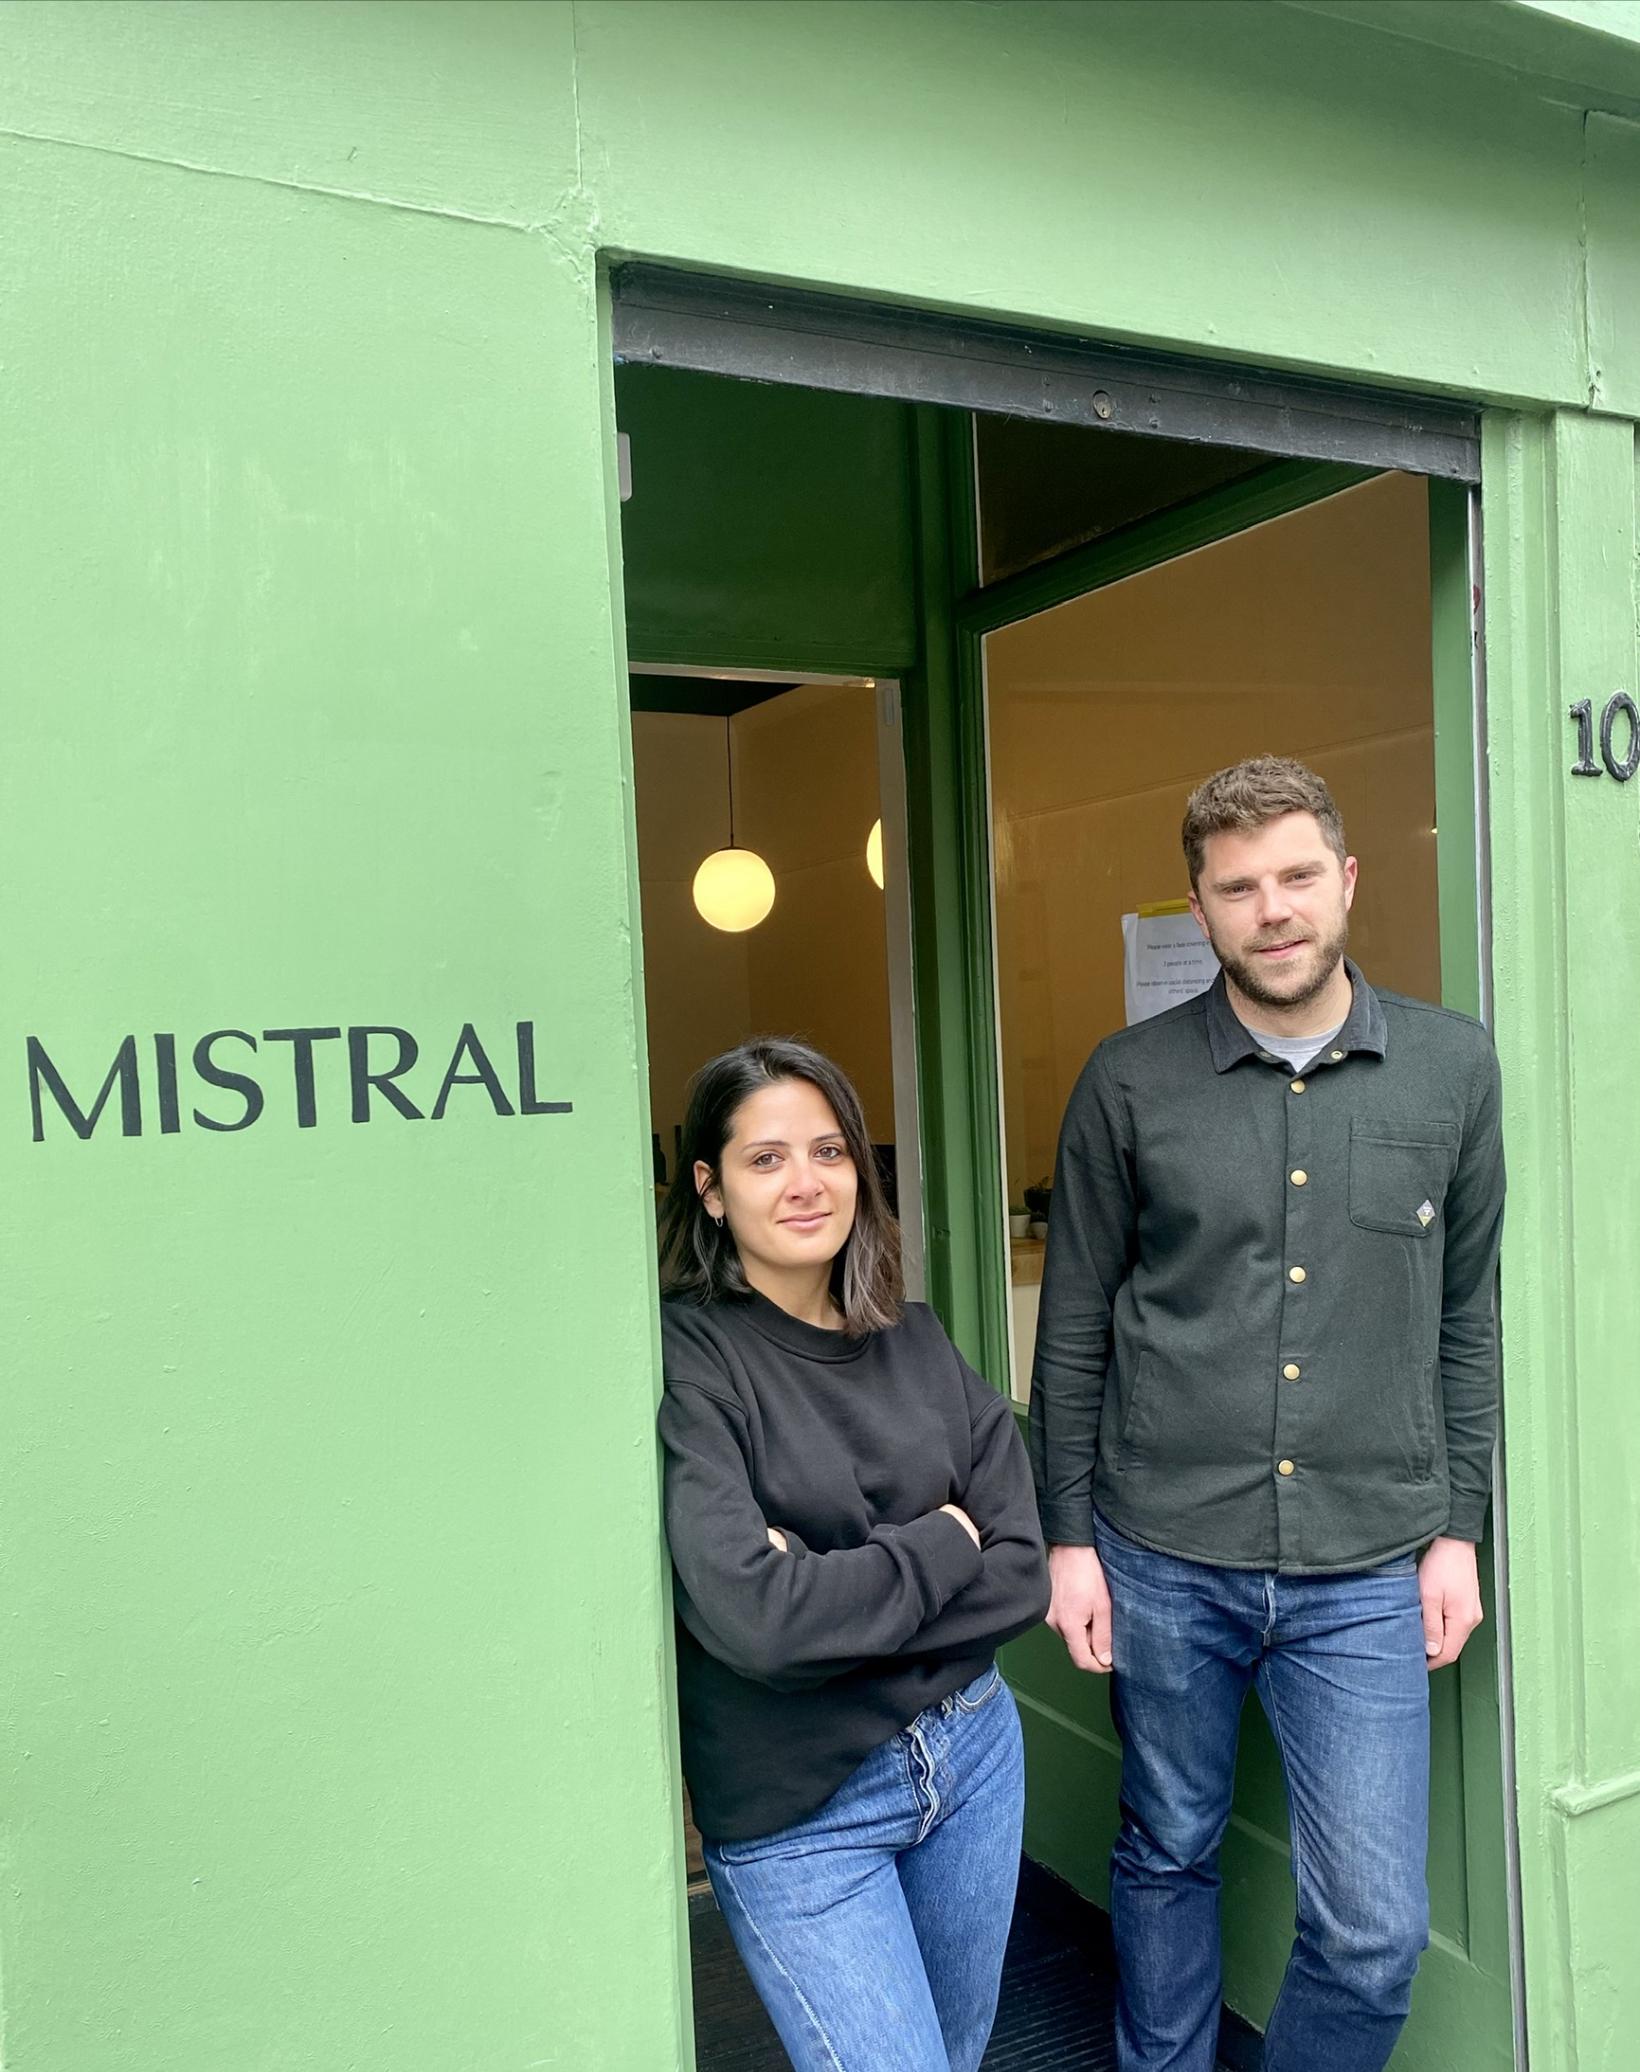 Minstrel - Scottish News